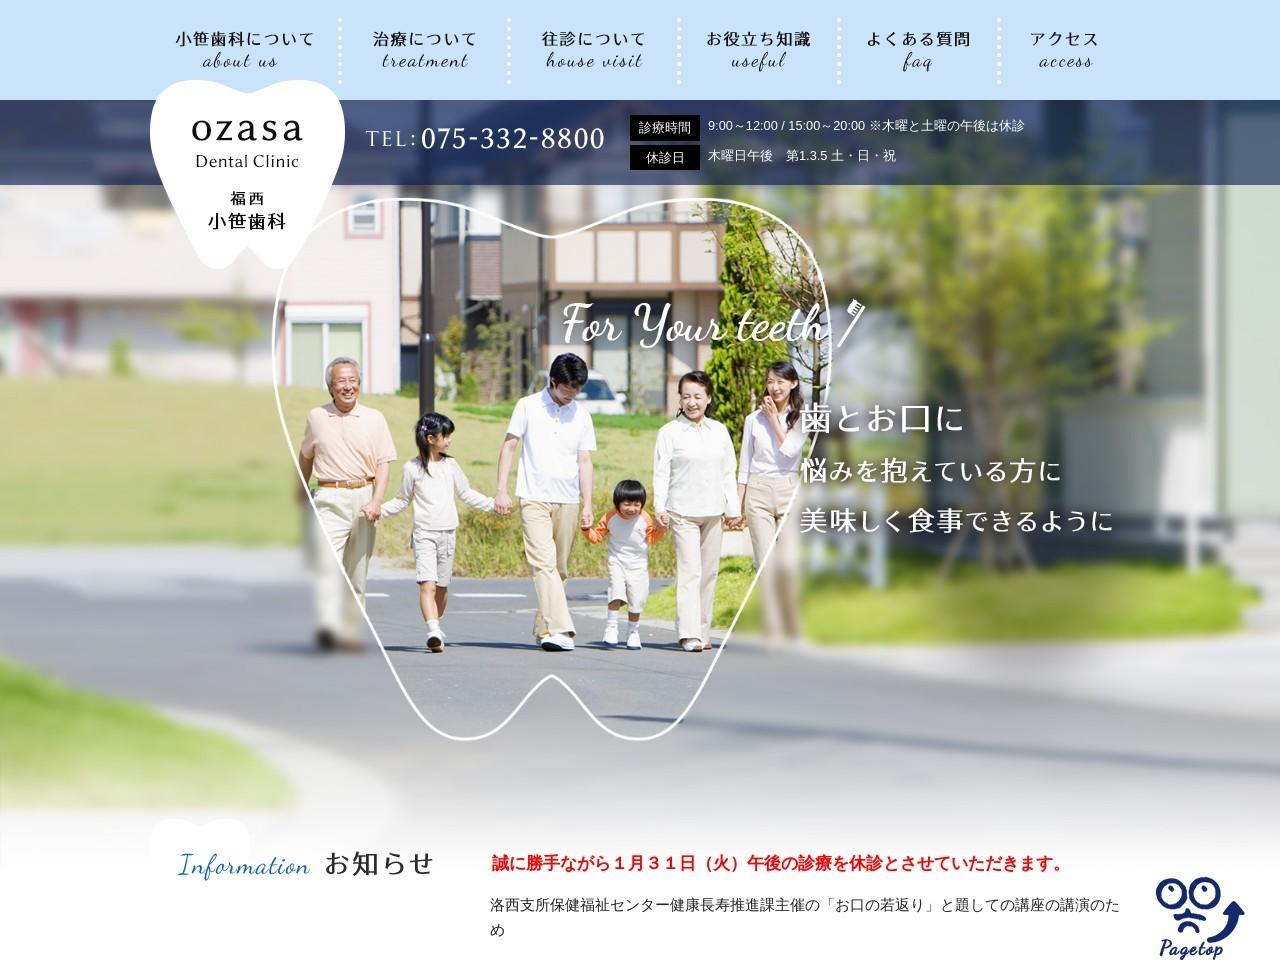 小笹歯科診療所 (京都府京都市西京区)